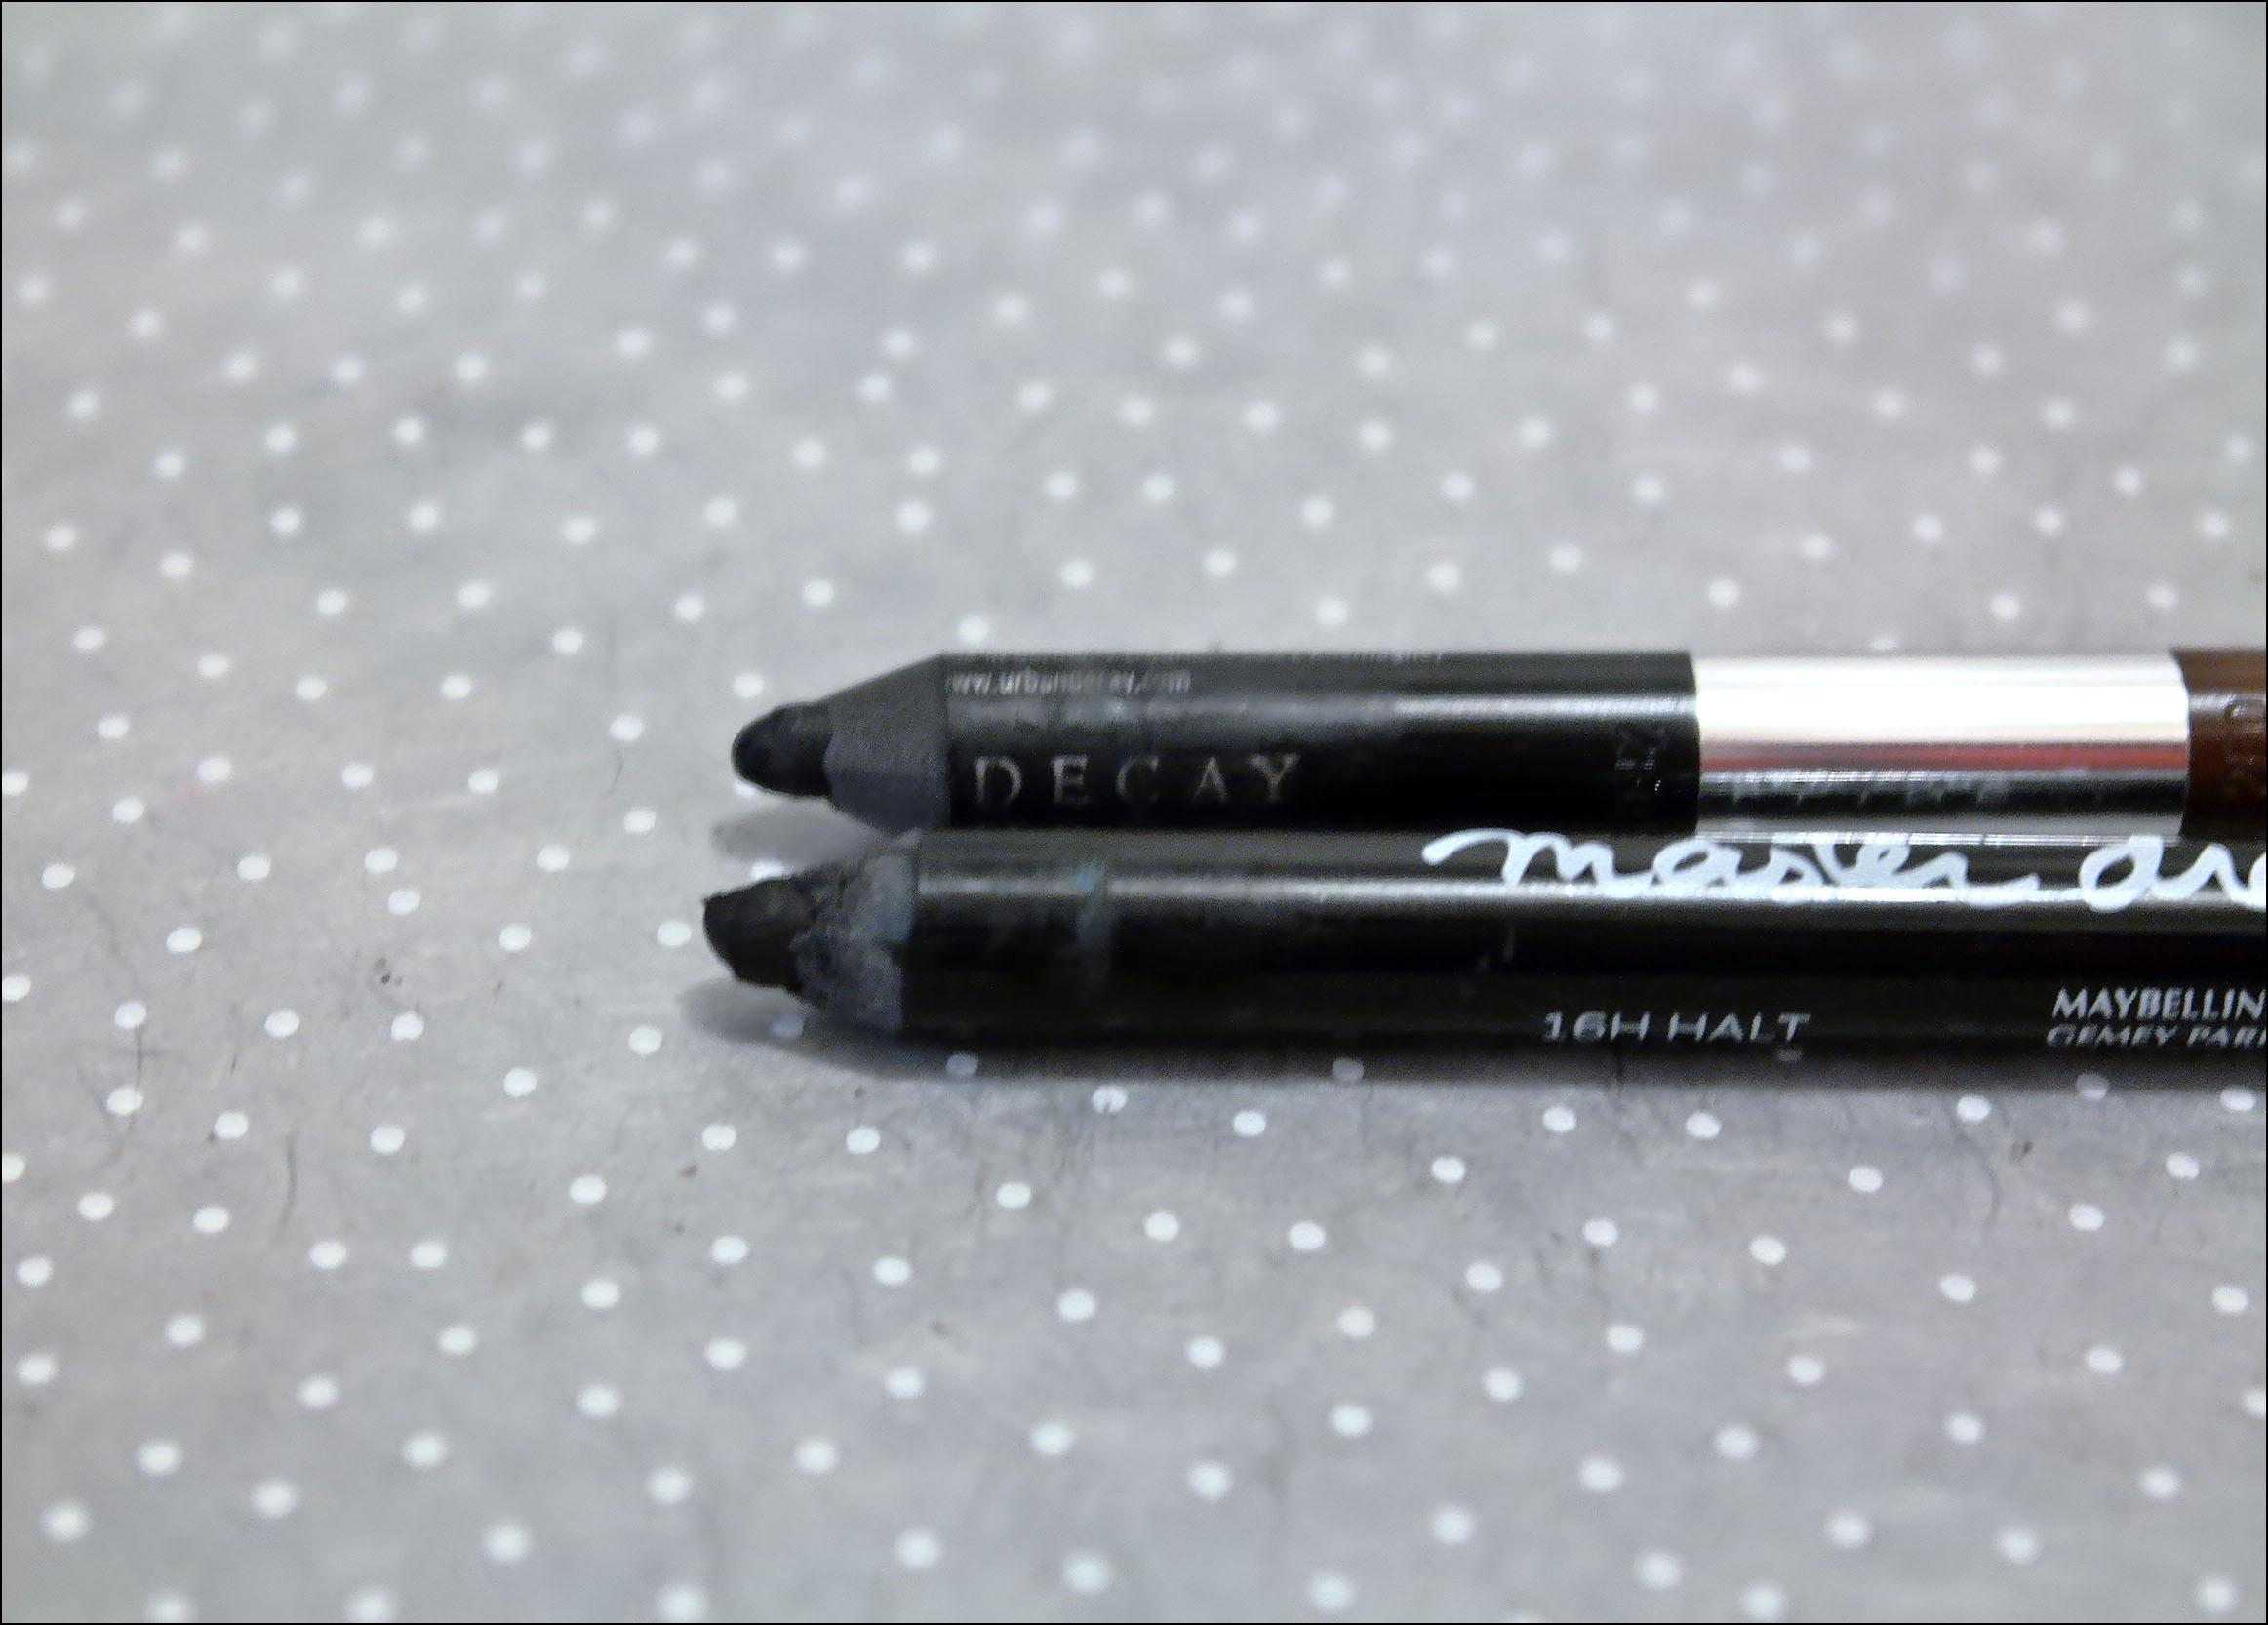 crayon noir, kajal, rimmel, scandaleyes, maybelline, master drama, urban decay, glide on, liner, liner noir